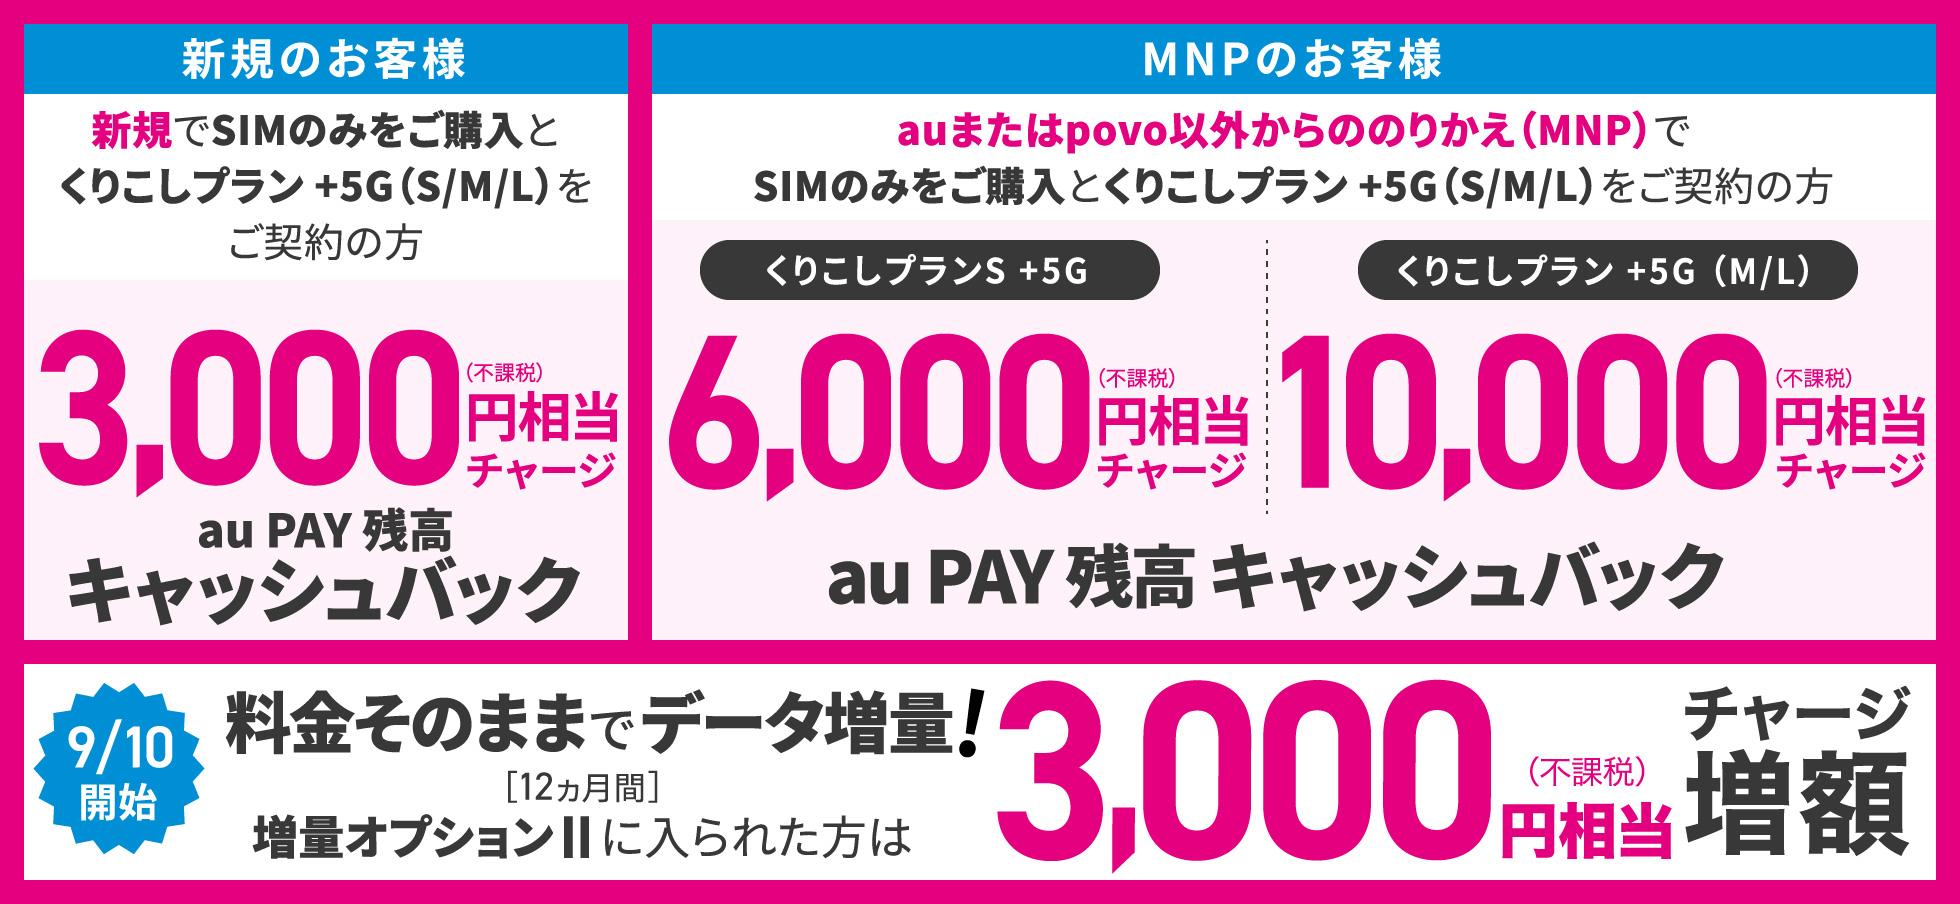 UQモバイル「au Pay残高最大13,000円キャッシュバック」